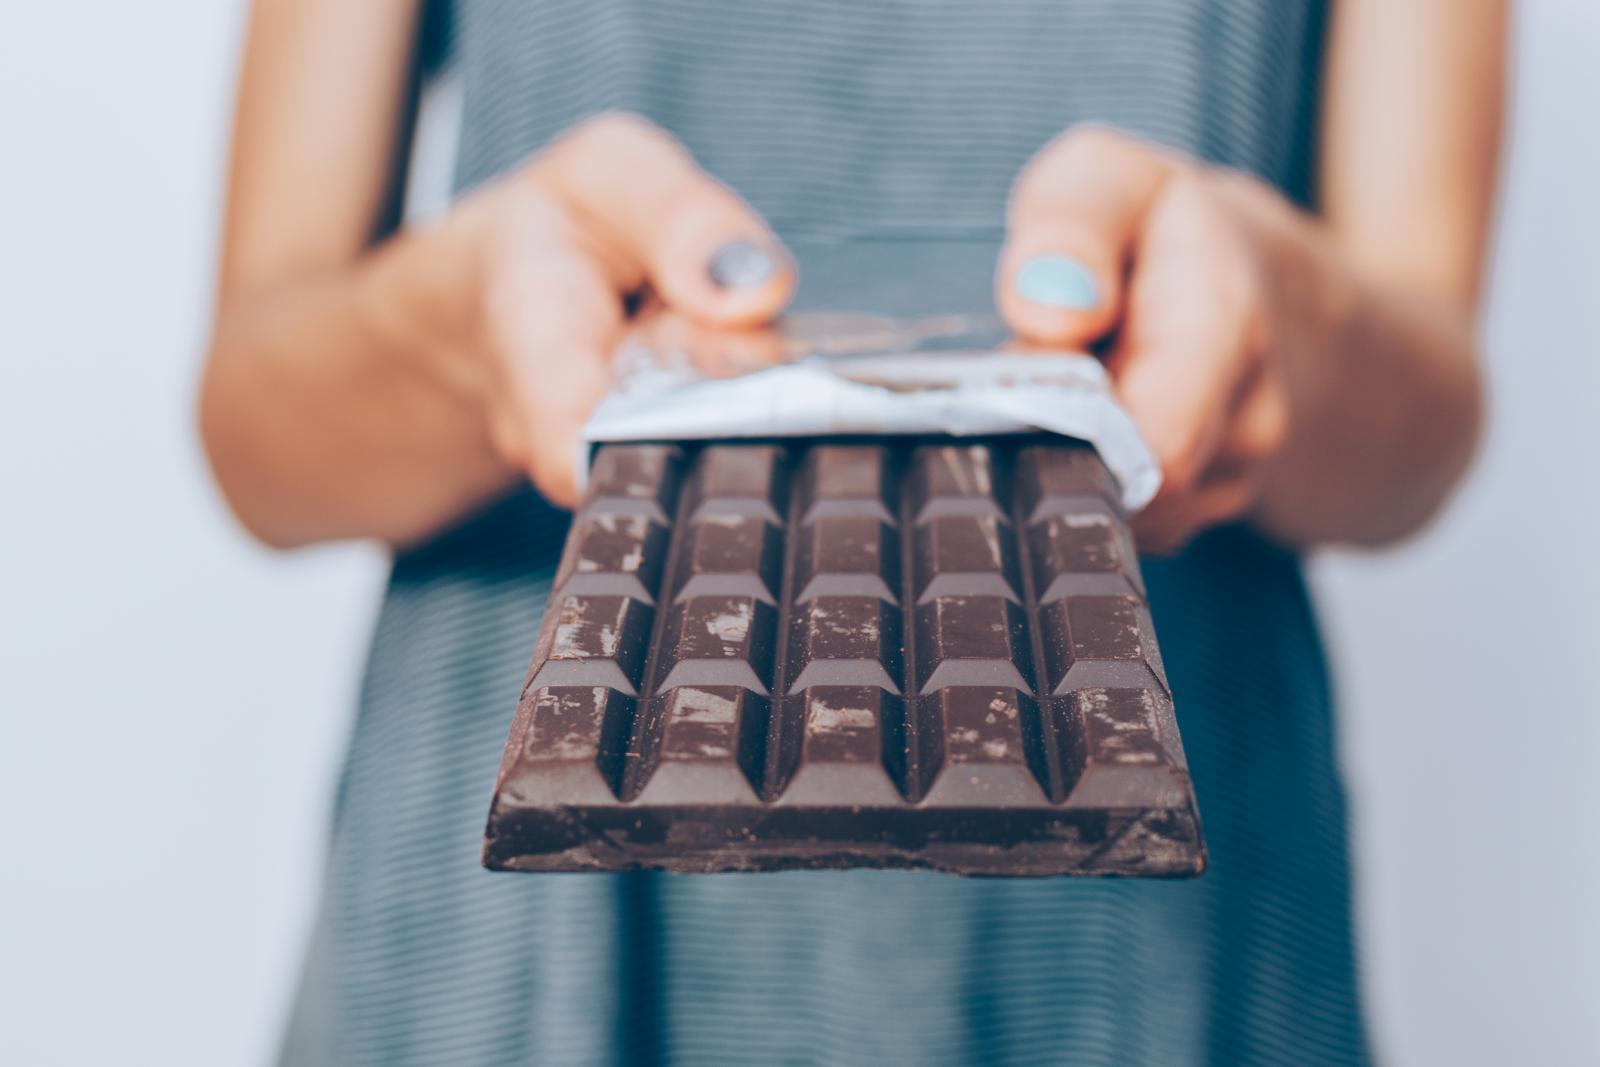 Prema nekim stručnjacima jedina vrsta održivog detoksa koji je uistinu vrijedan pažnje i truda je potpuno izbacivanje šećera iz prehrane.